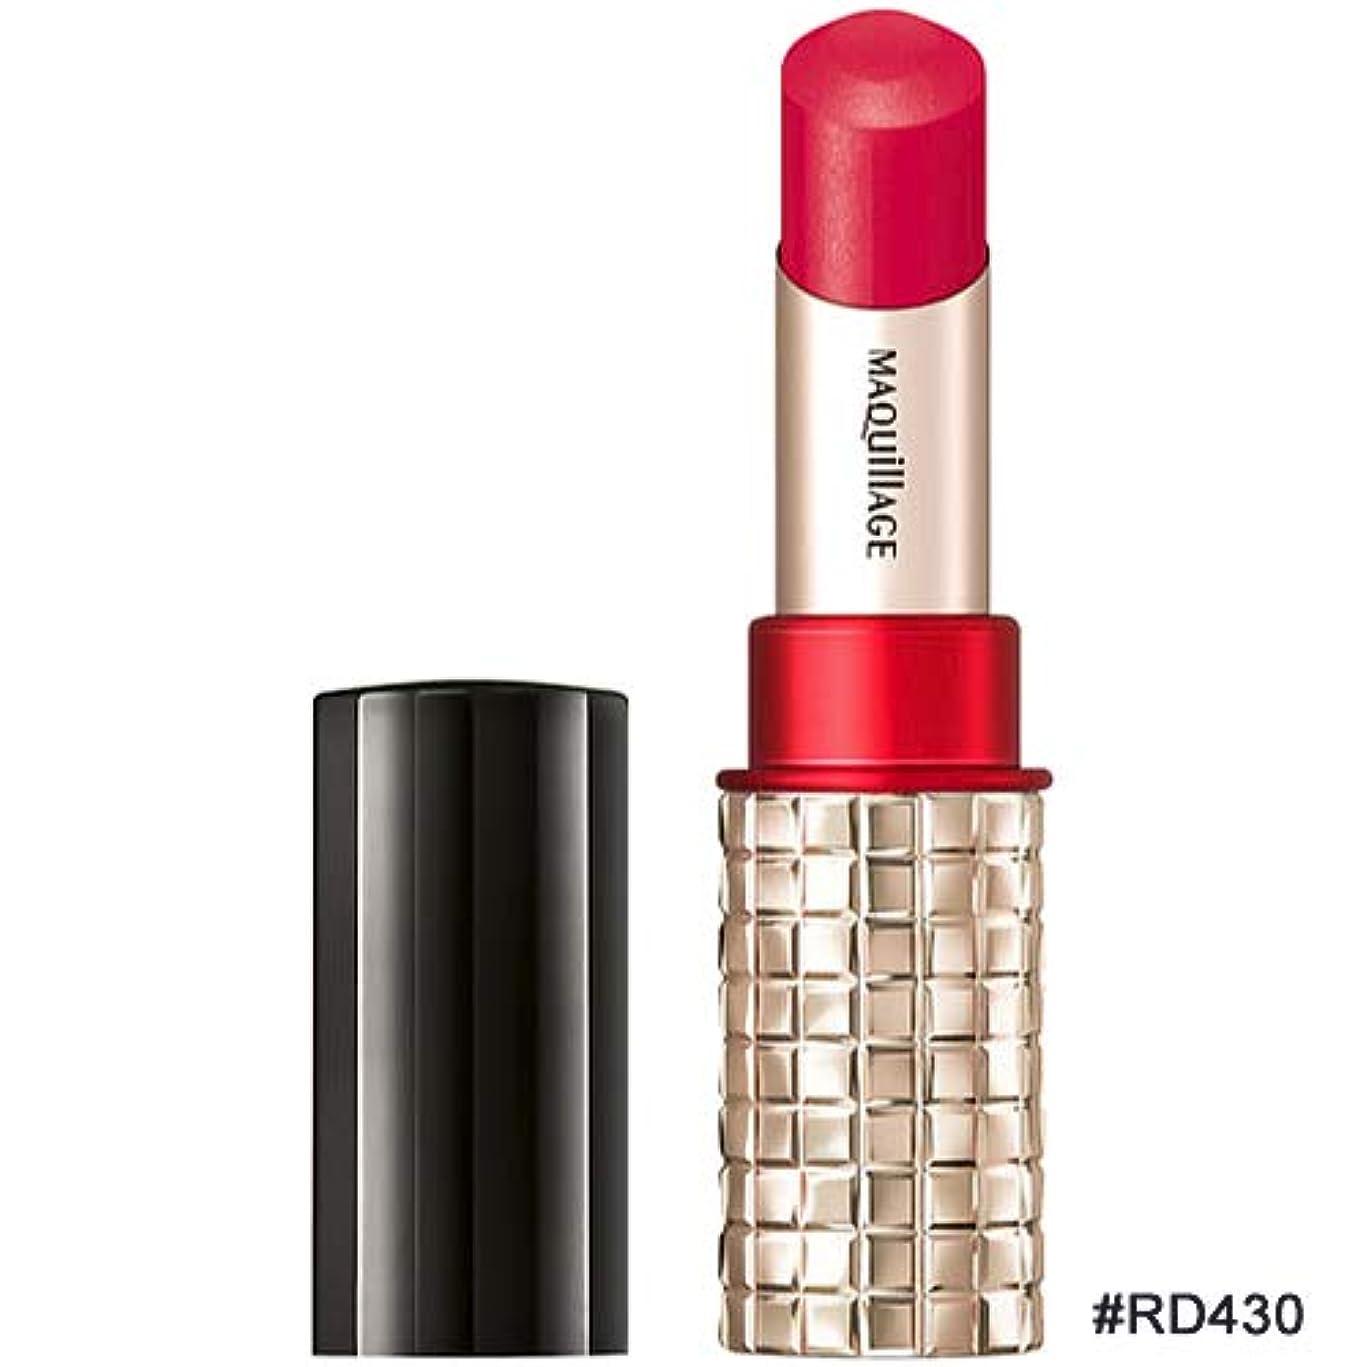 思い出鉛筆検出器資生堂 SHISEIDO マキアージュ ドラマティックルージュEX #RD430 [並行輸入品]